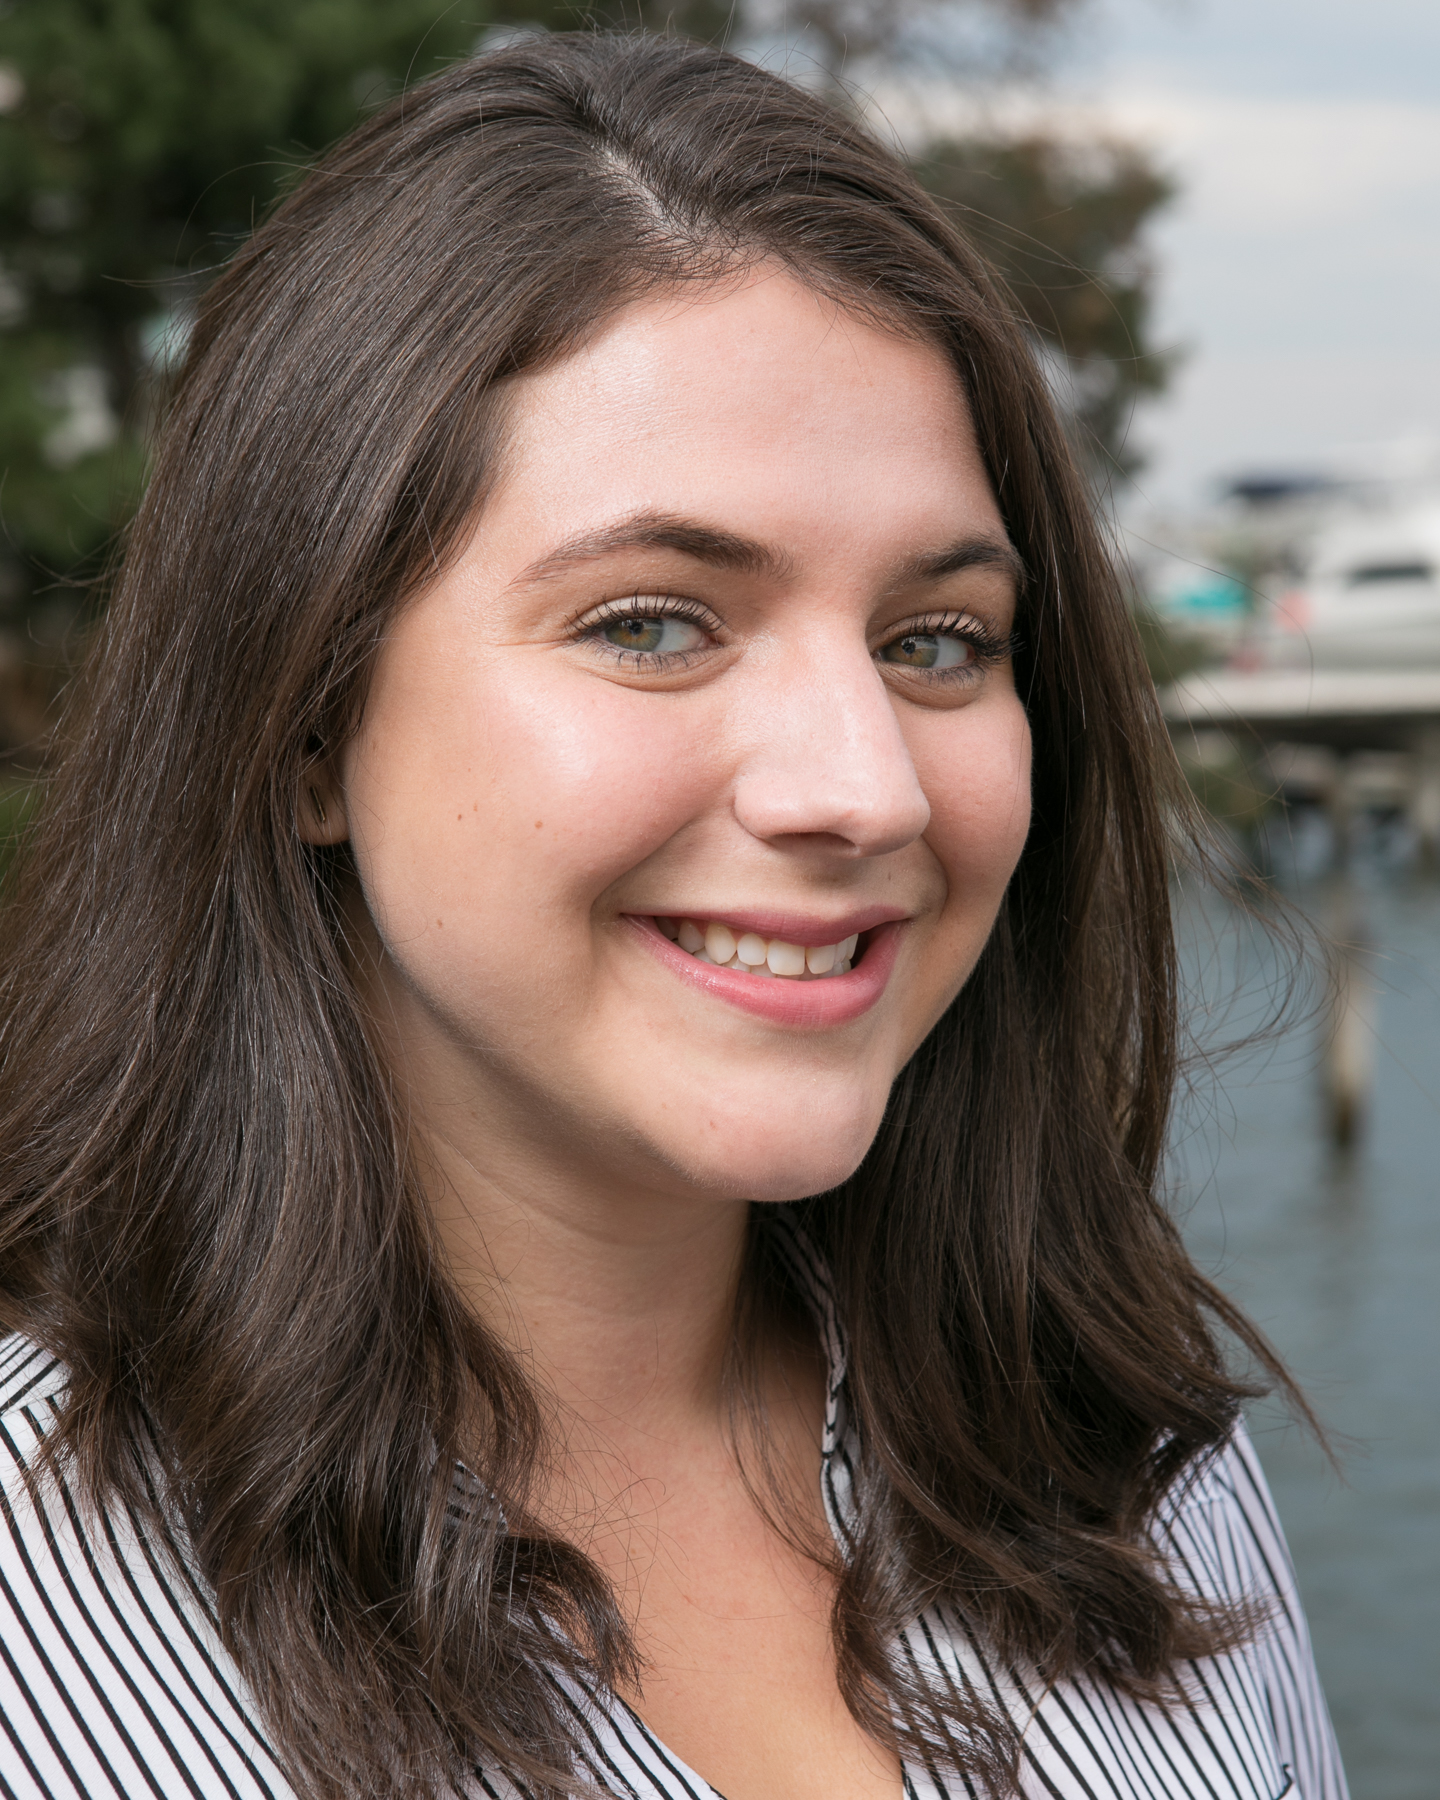 Kaitlyn Farmer